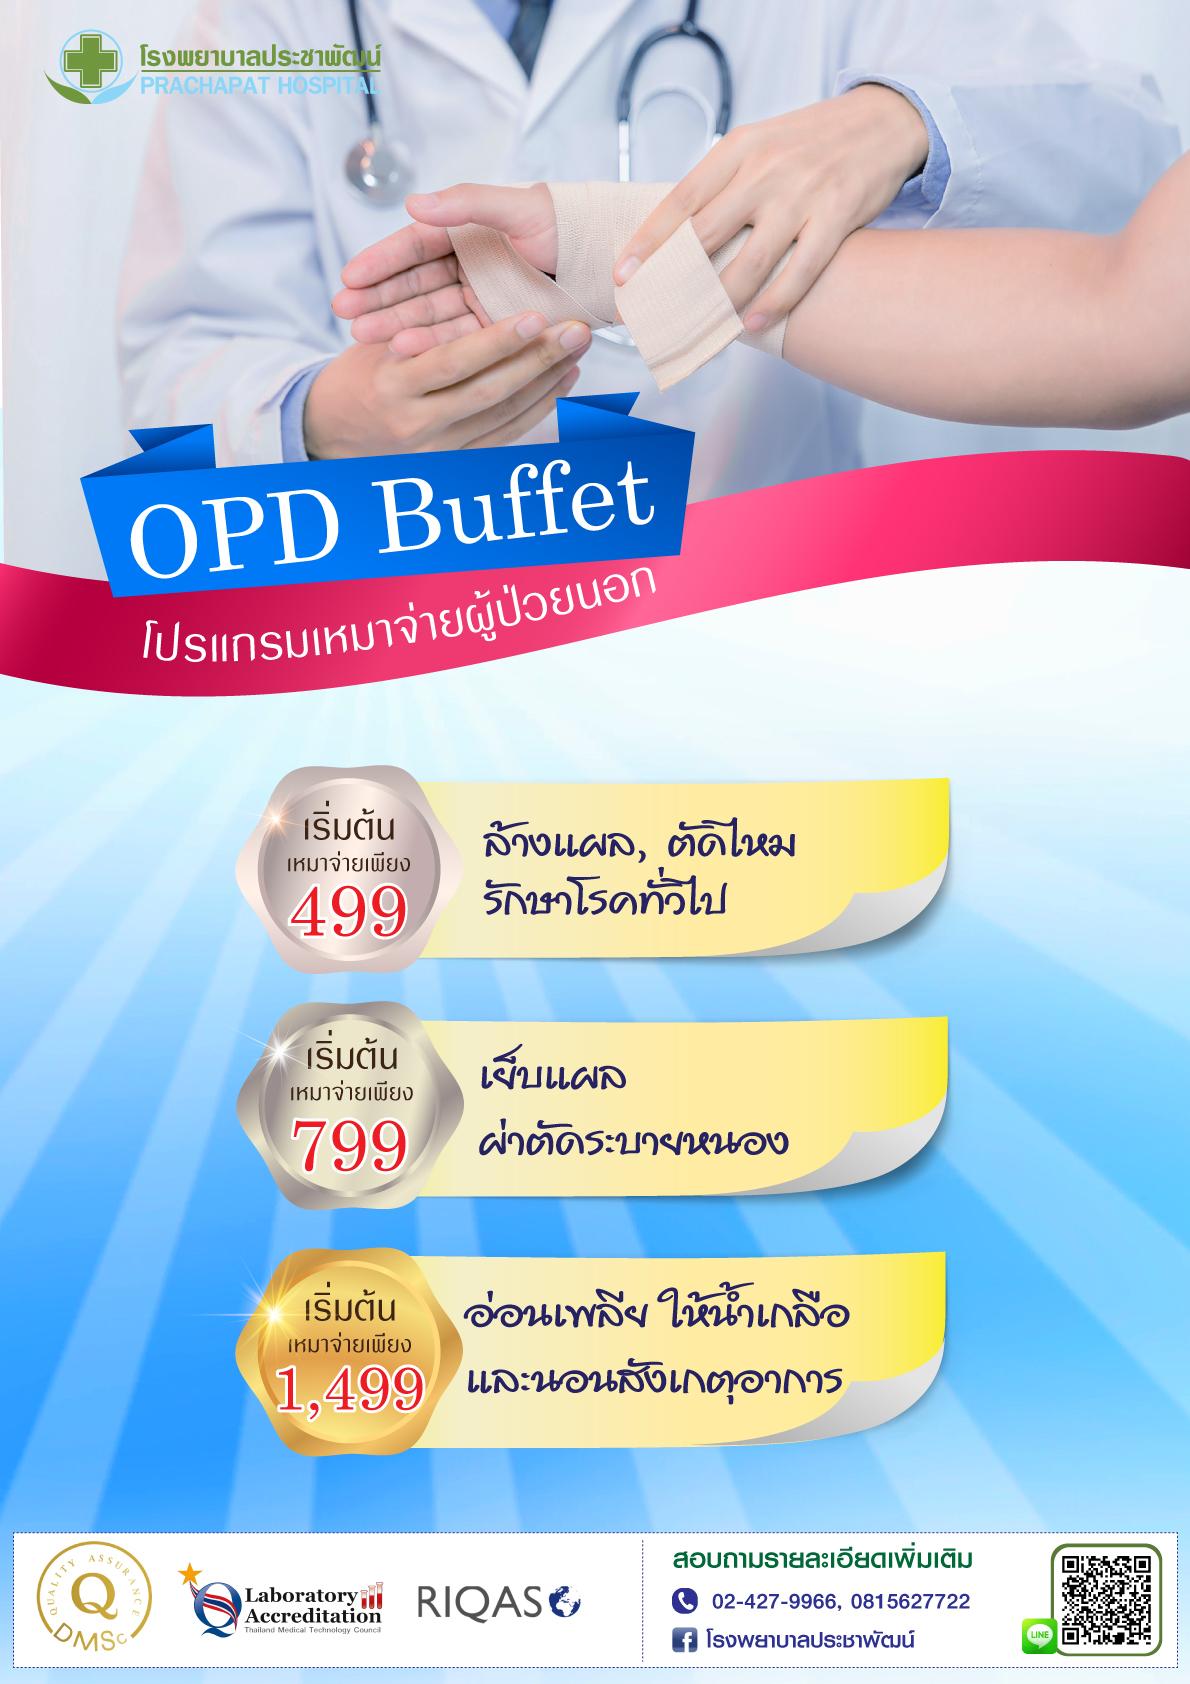 OPD Buffet